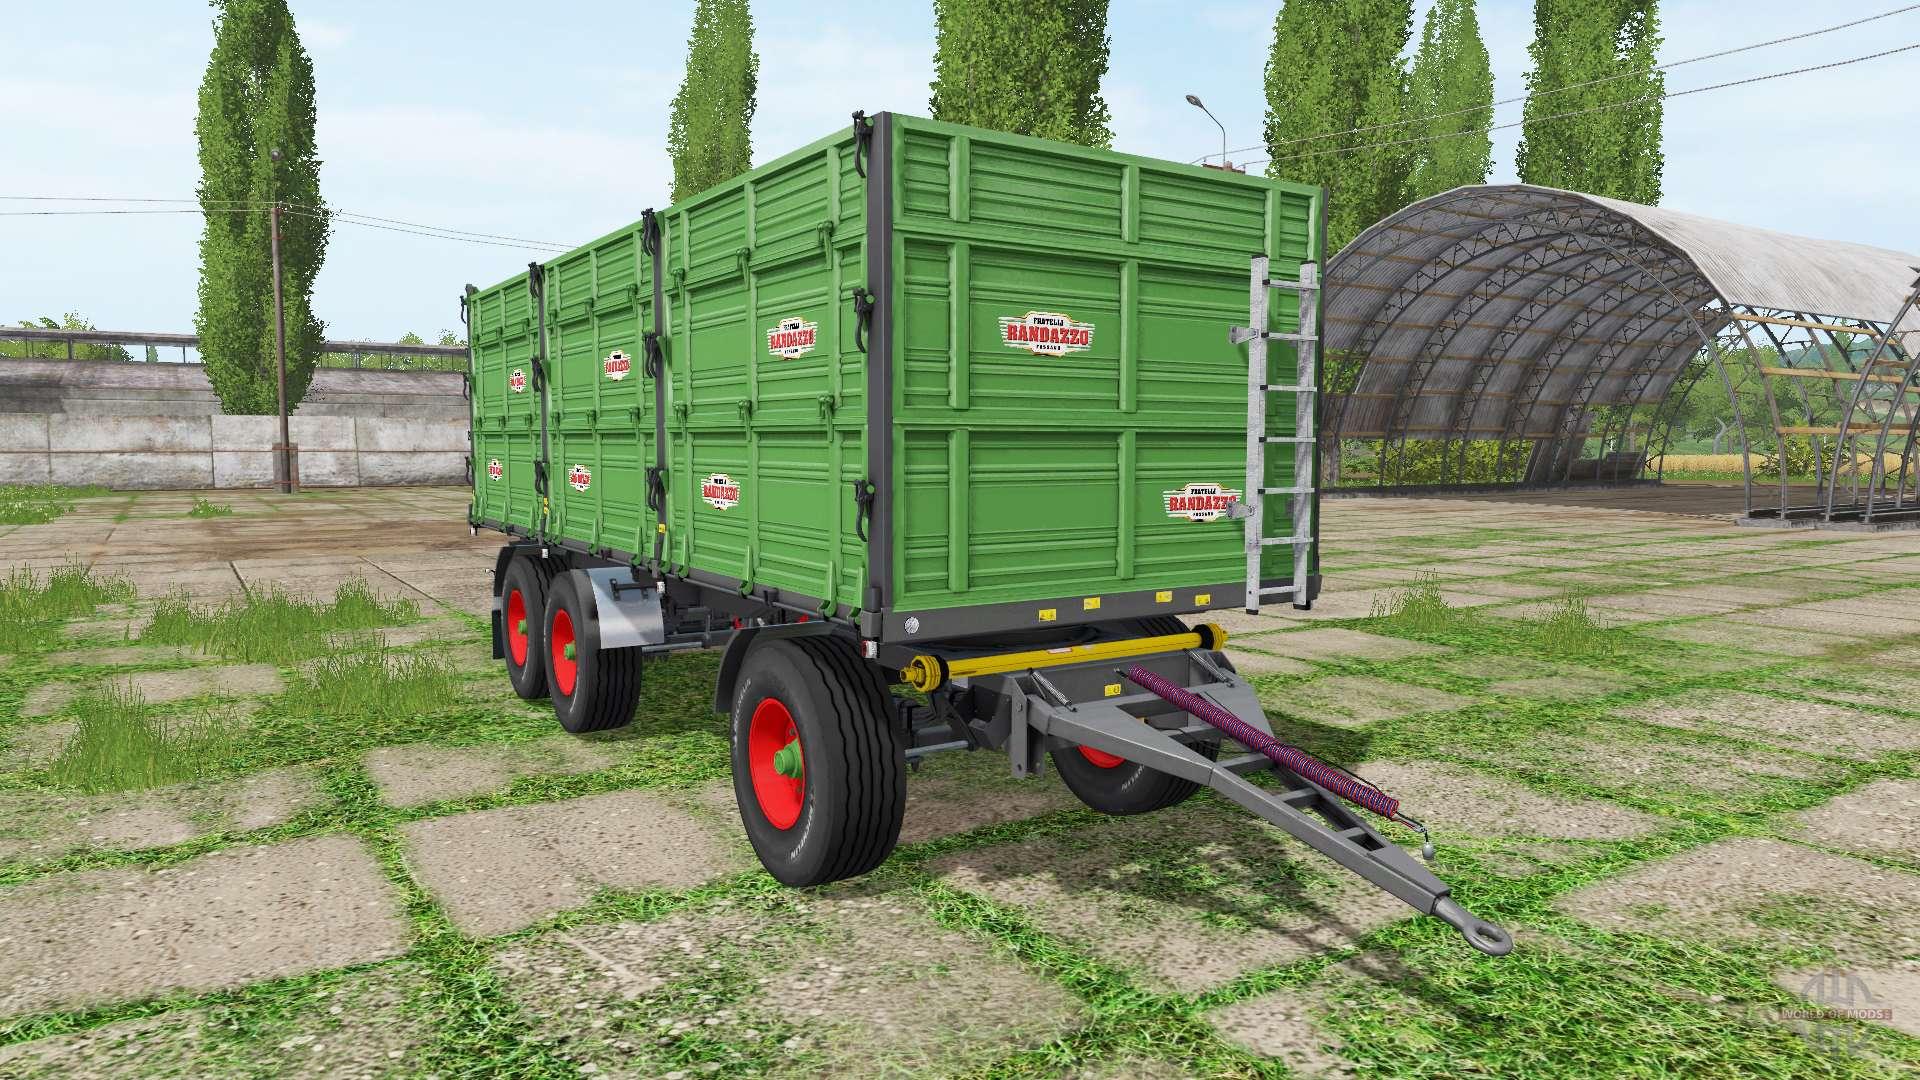 Rimorchi randazzo r270 pt v1 0 1 3 for farming simulator 2017 for Rimorchi randazzo